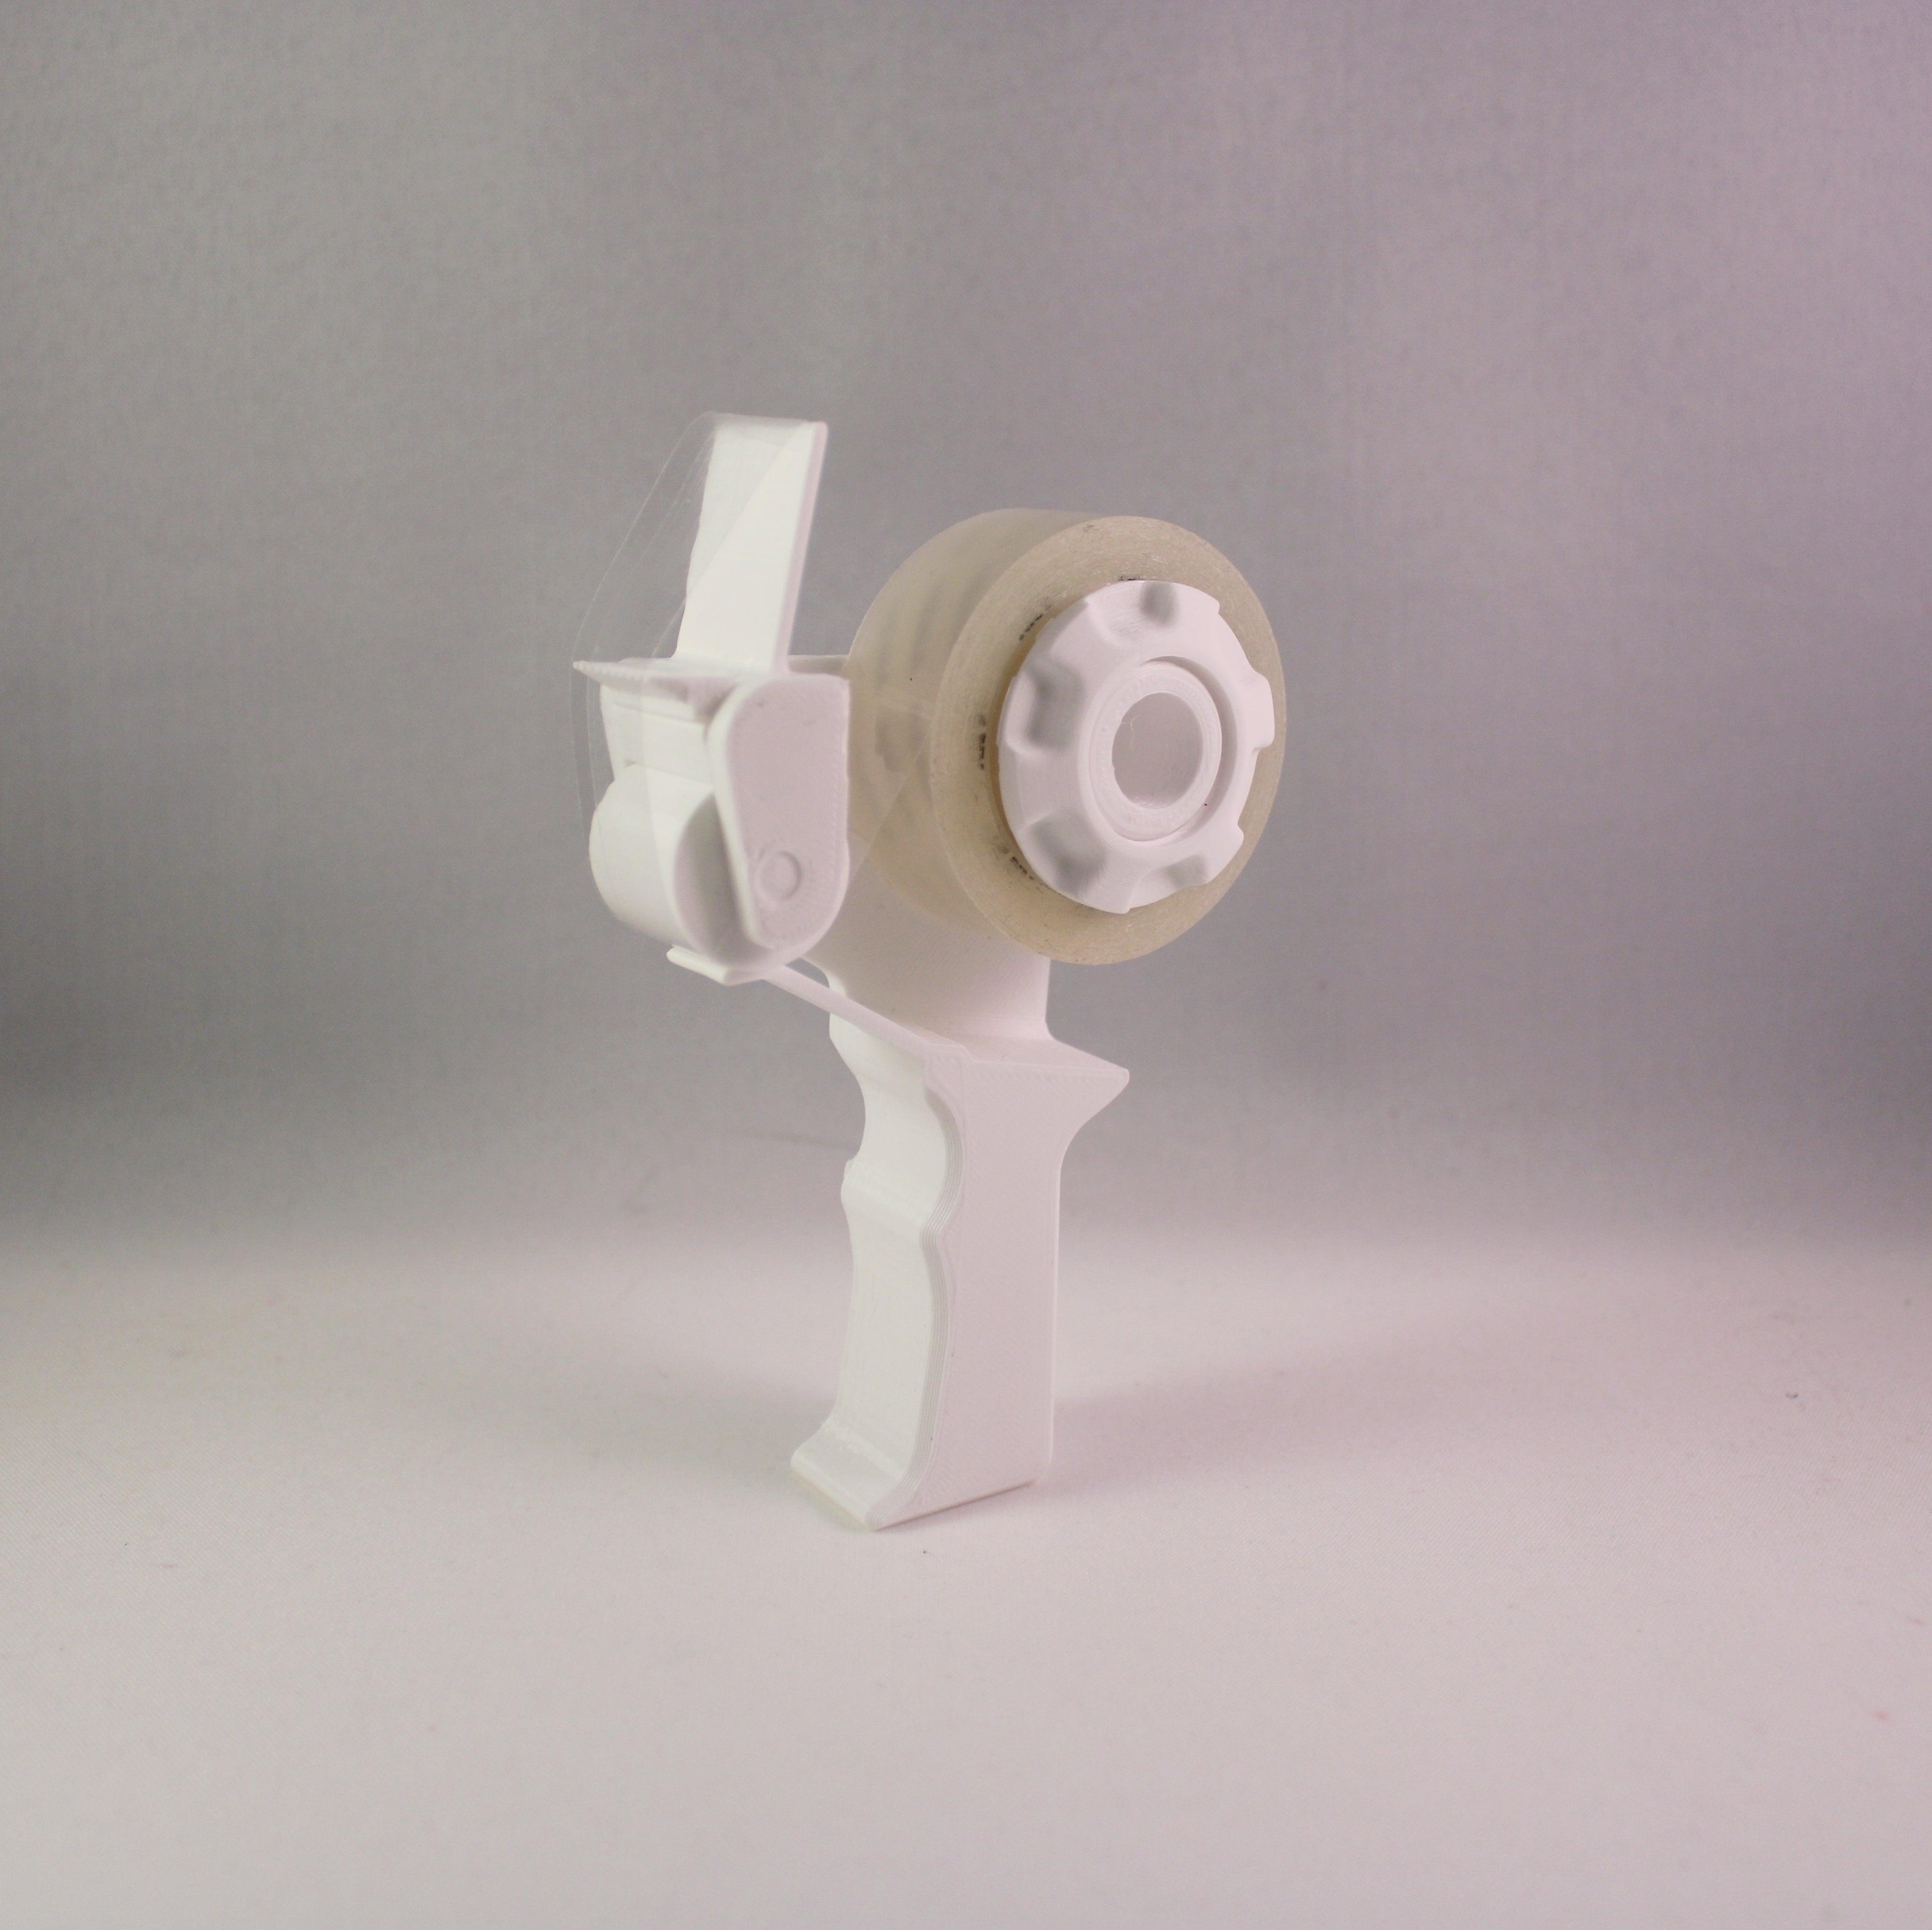 Mini Bant Kesici Dispenser Tabanca Koli Bandı Küçüğü